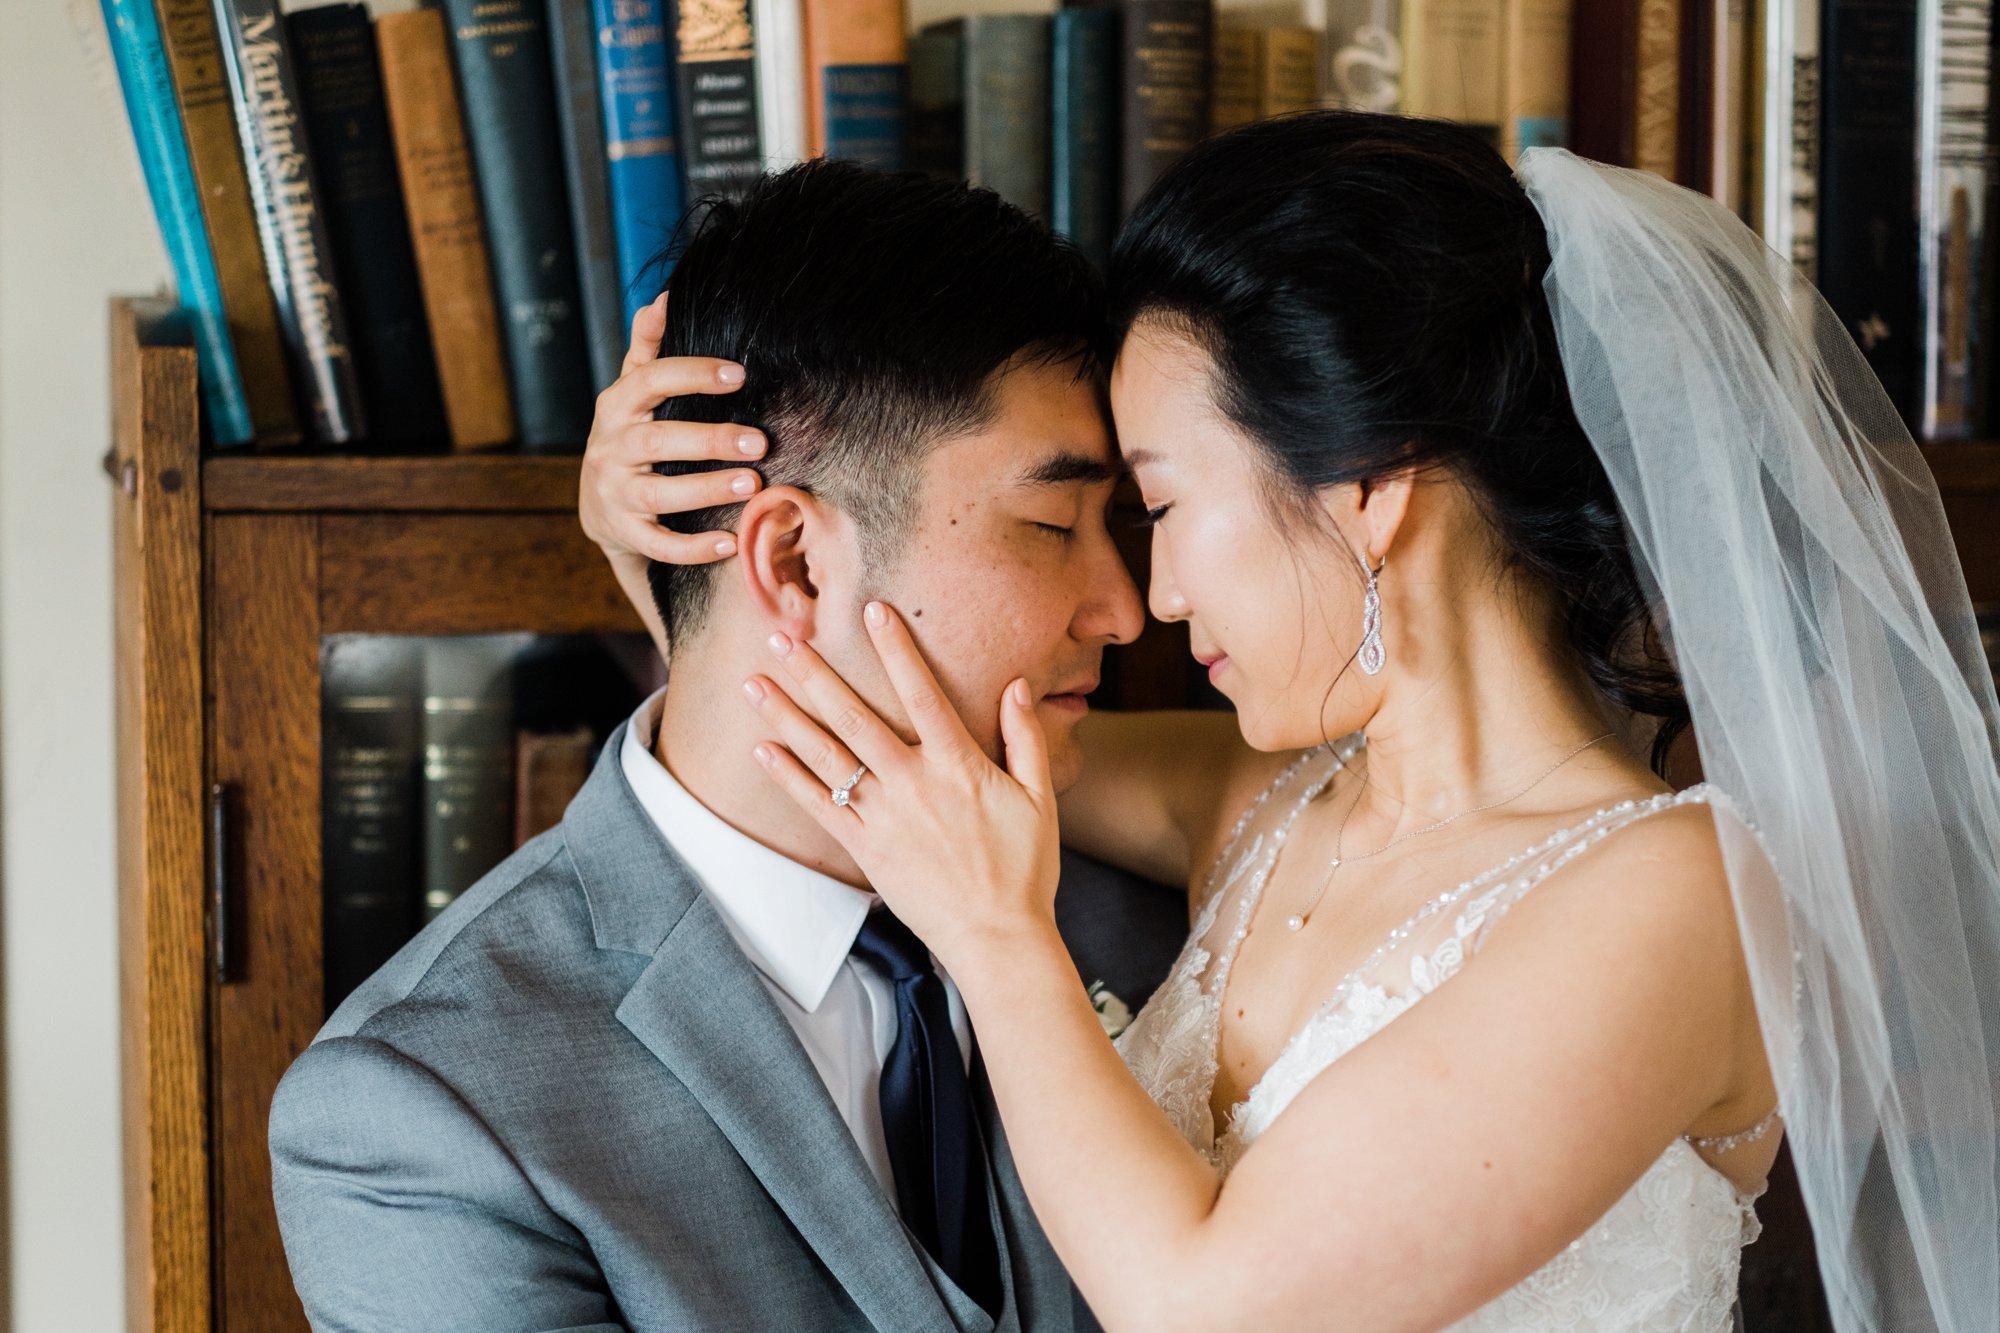 fairfax-dc-wedding-old-city-hall_0075.jpg